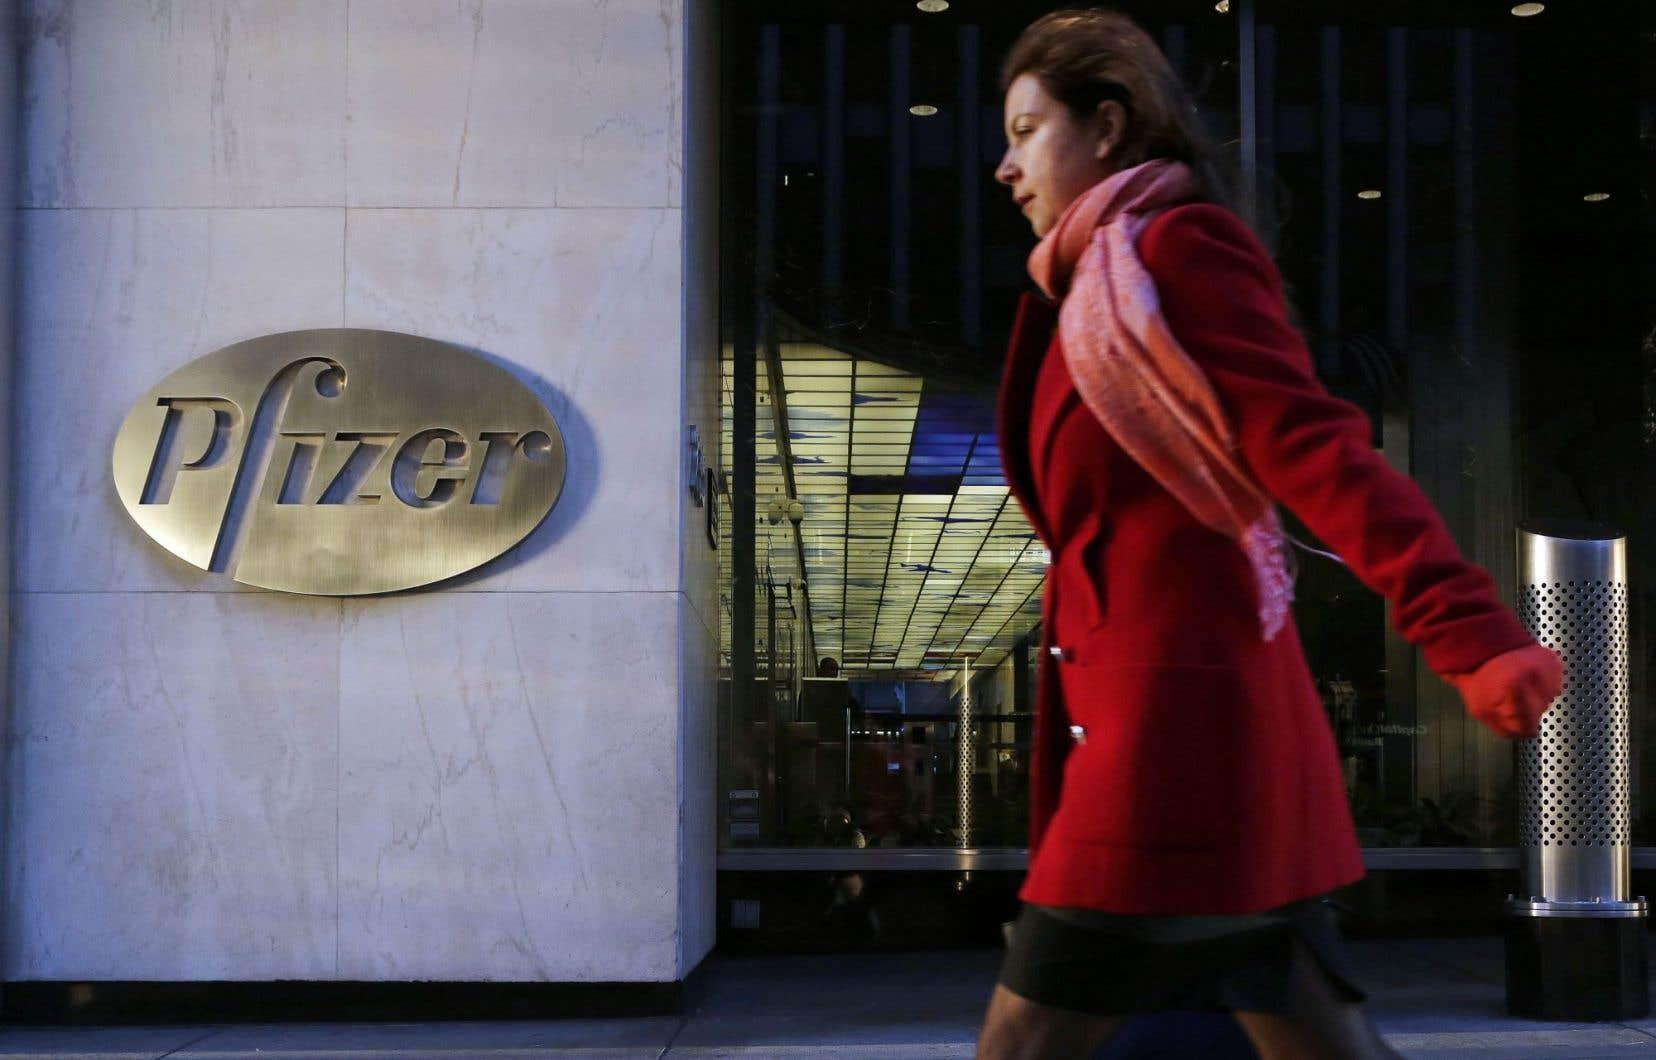 Le siège social de Pfizer à New York. La fusion avec Allergan permettra à la pharmaceutique américaine d'alléger considérablement ses coûts en impôts.